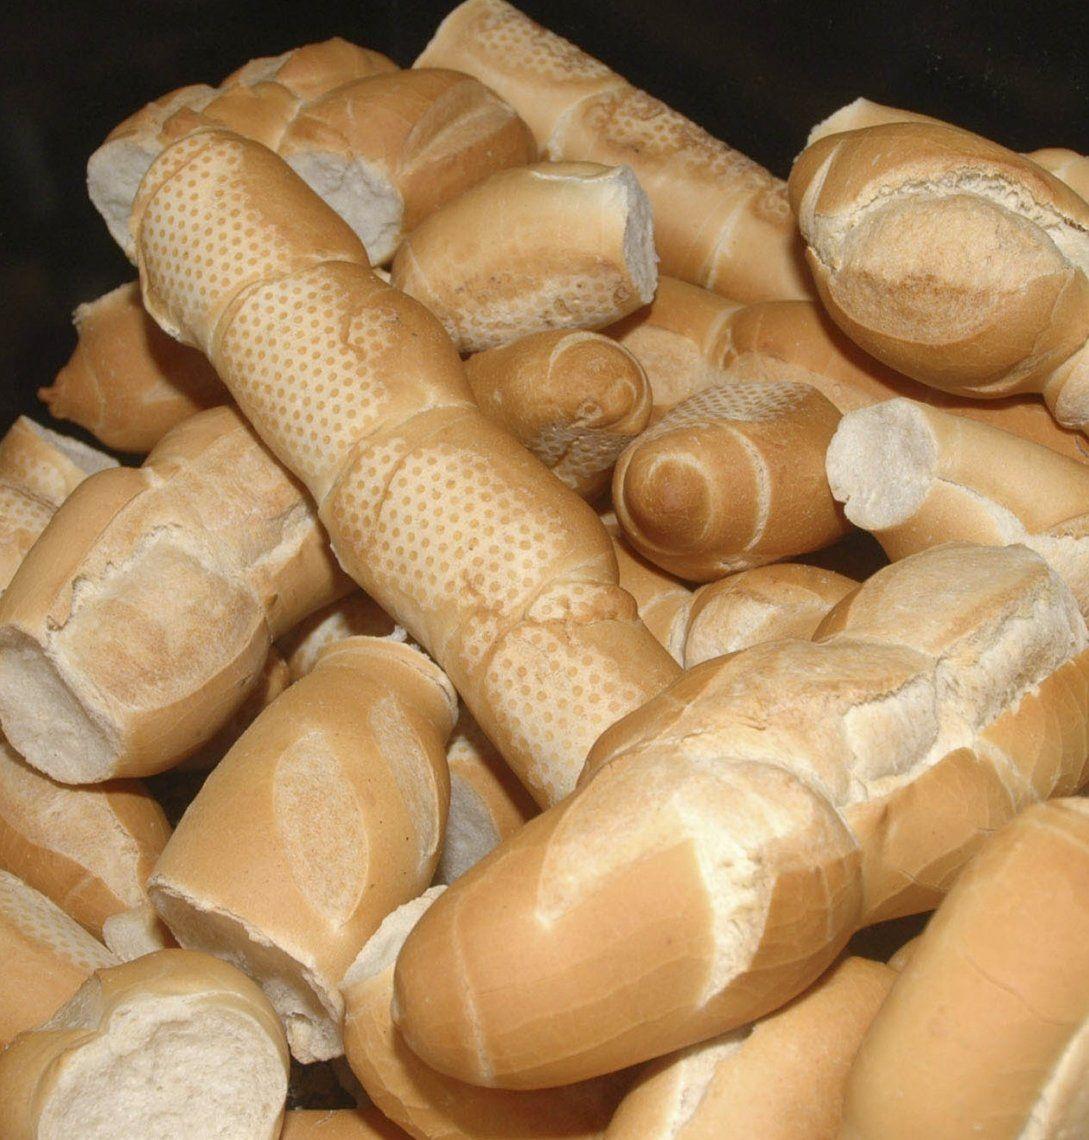 La consecuencia del aumento del pan fue la reducción del consumo.